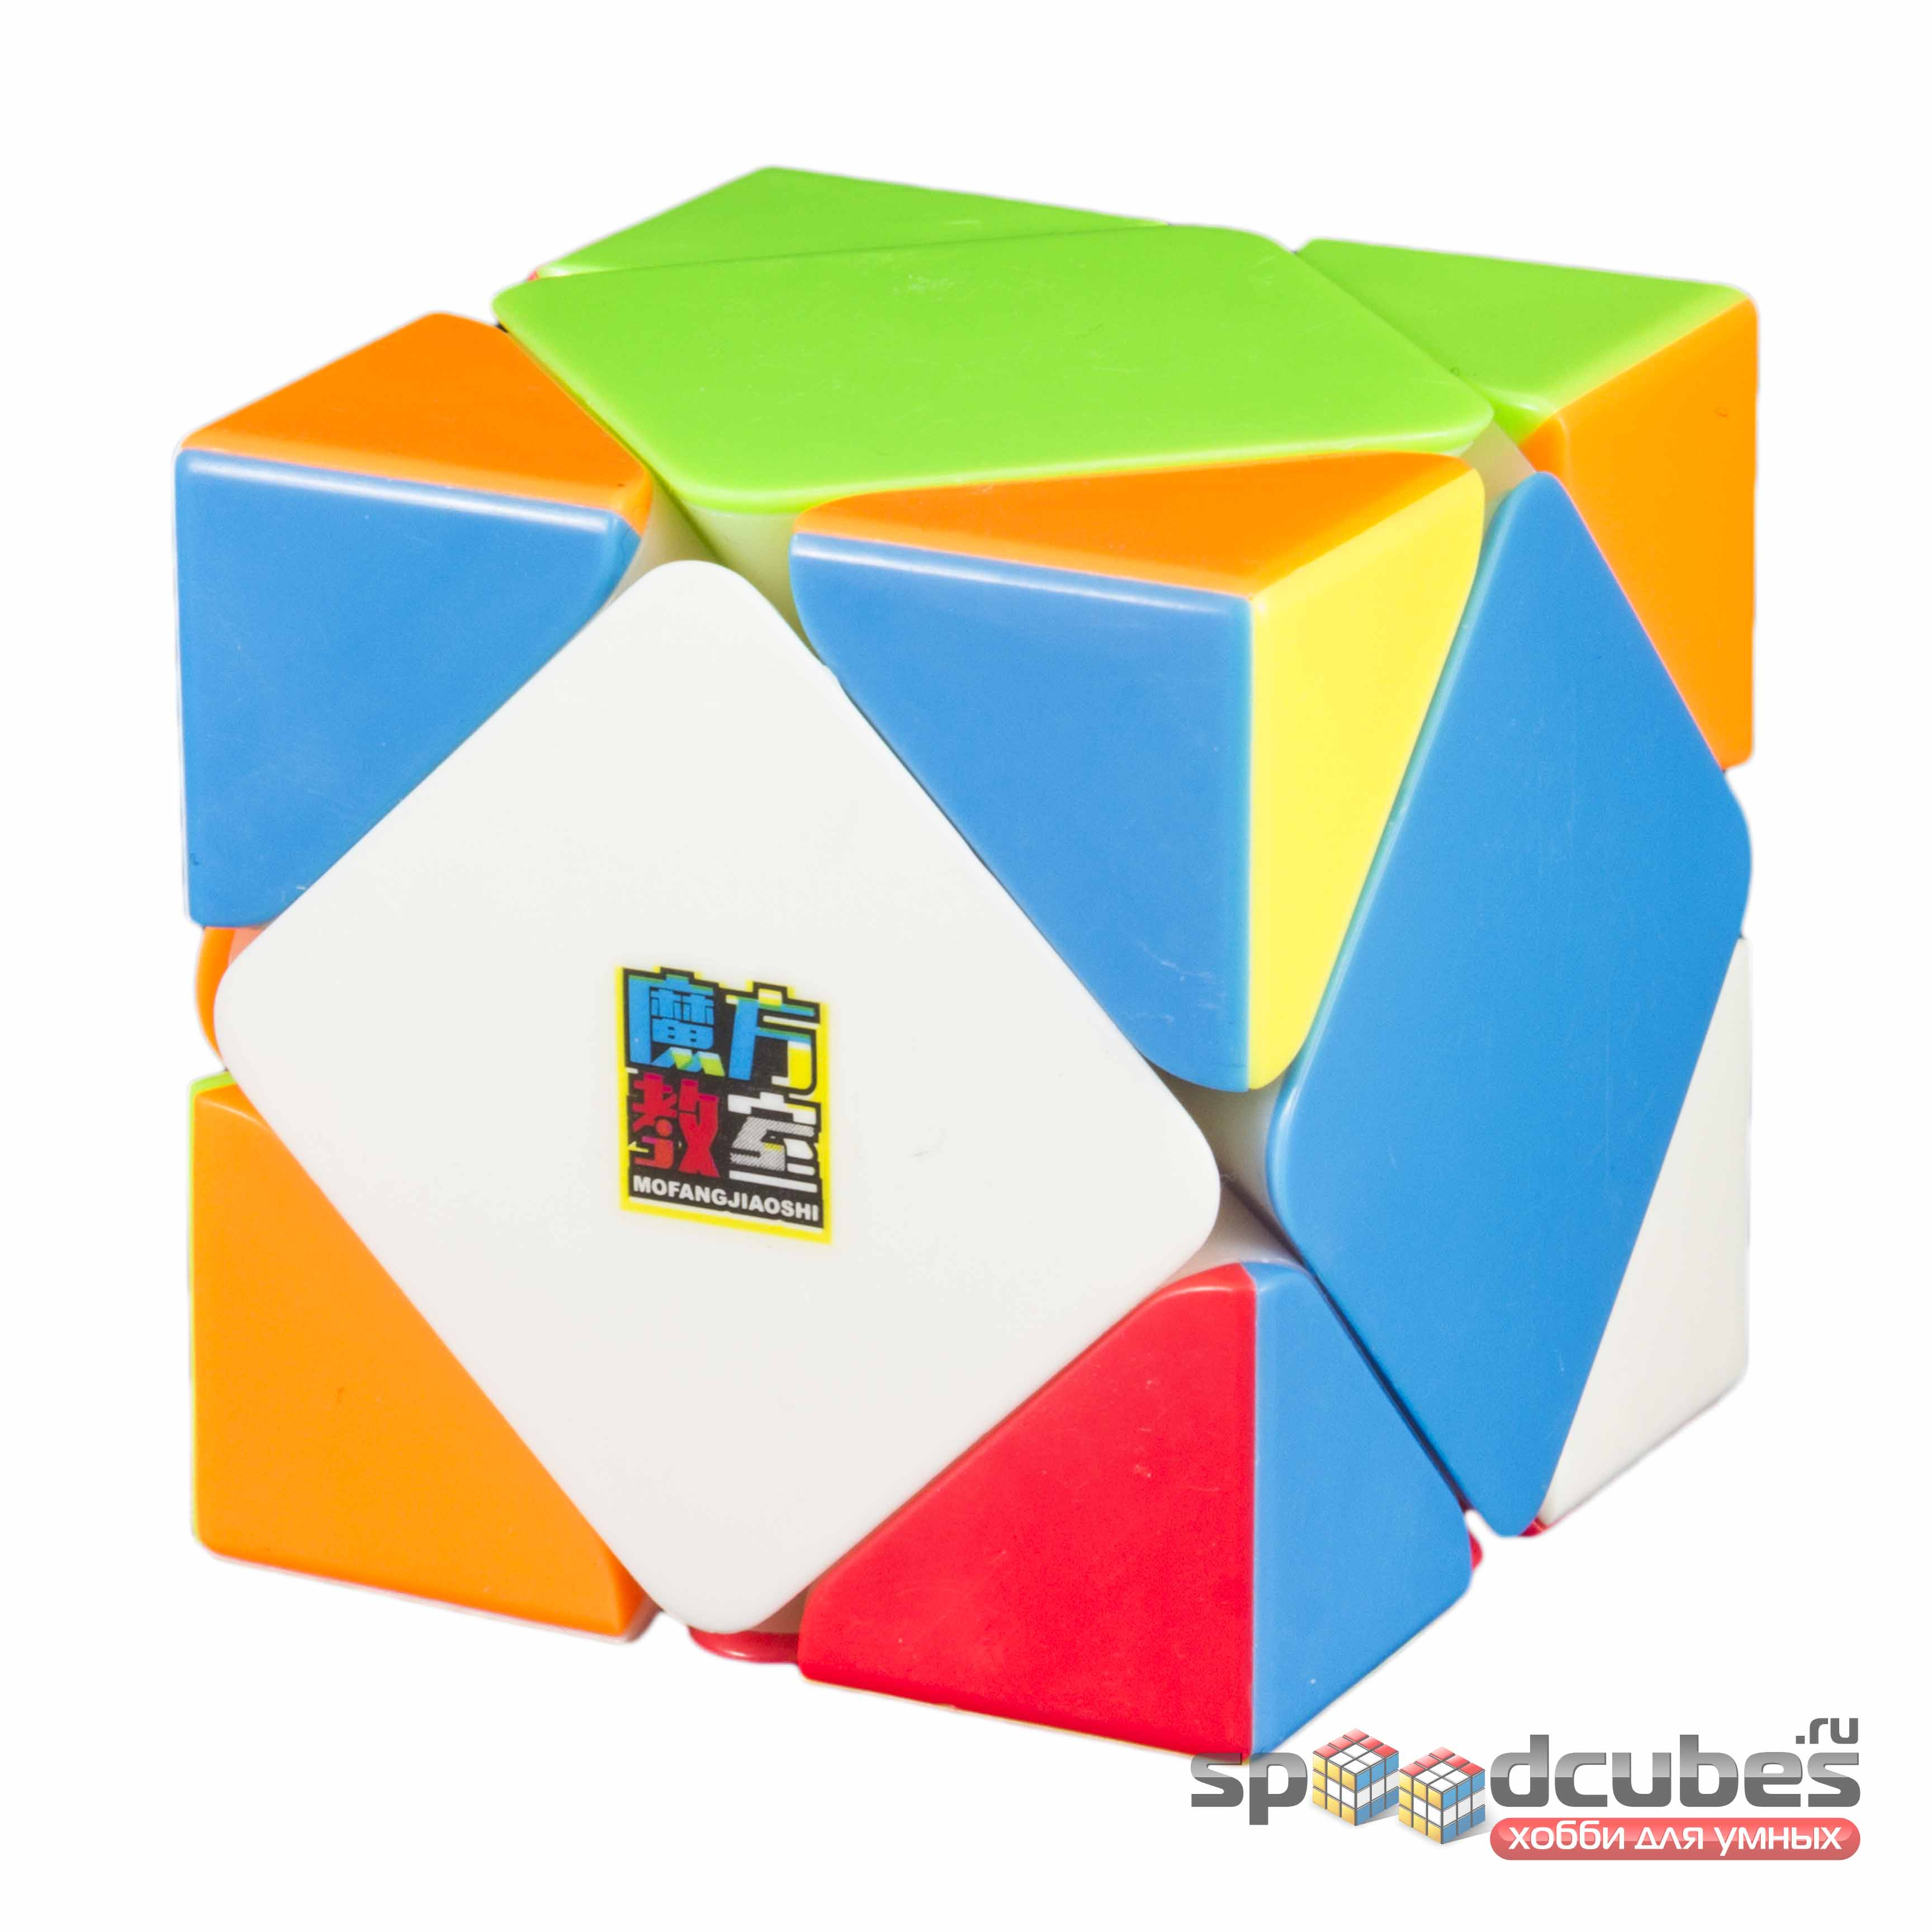 Набор MoYu Cubing Classroom WCA Set 5